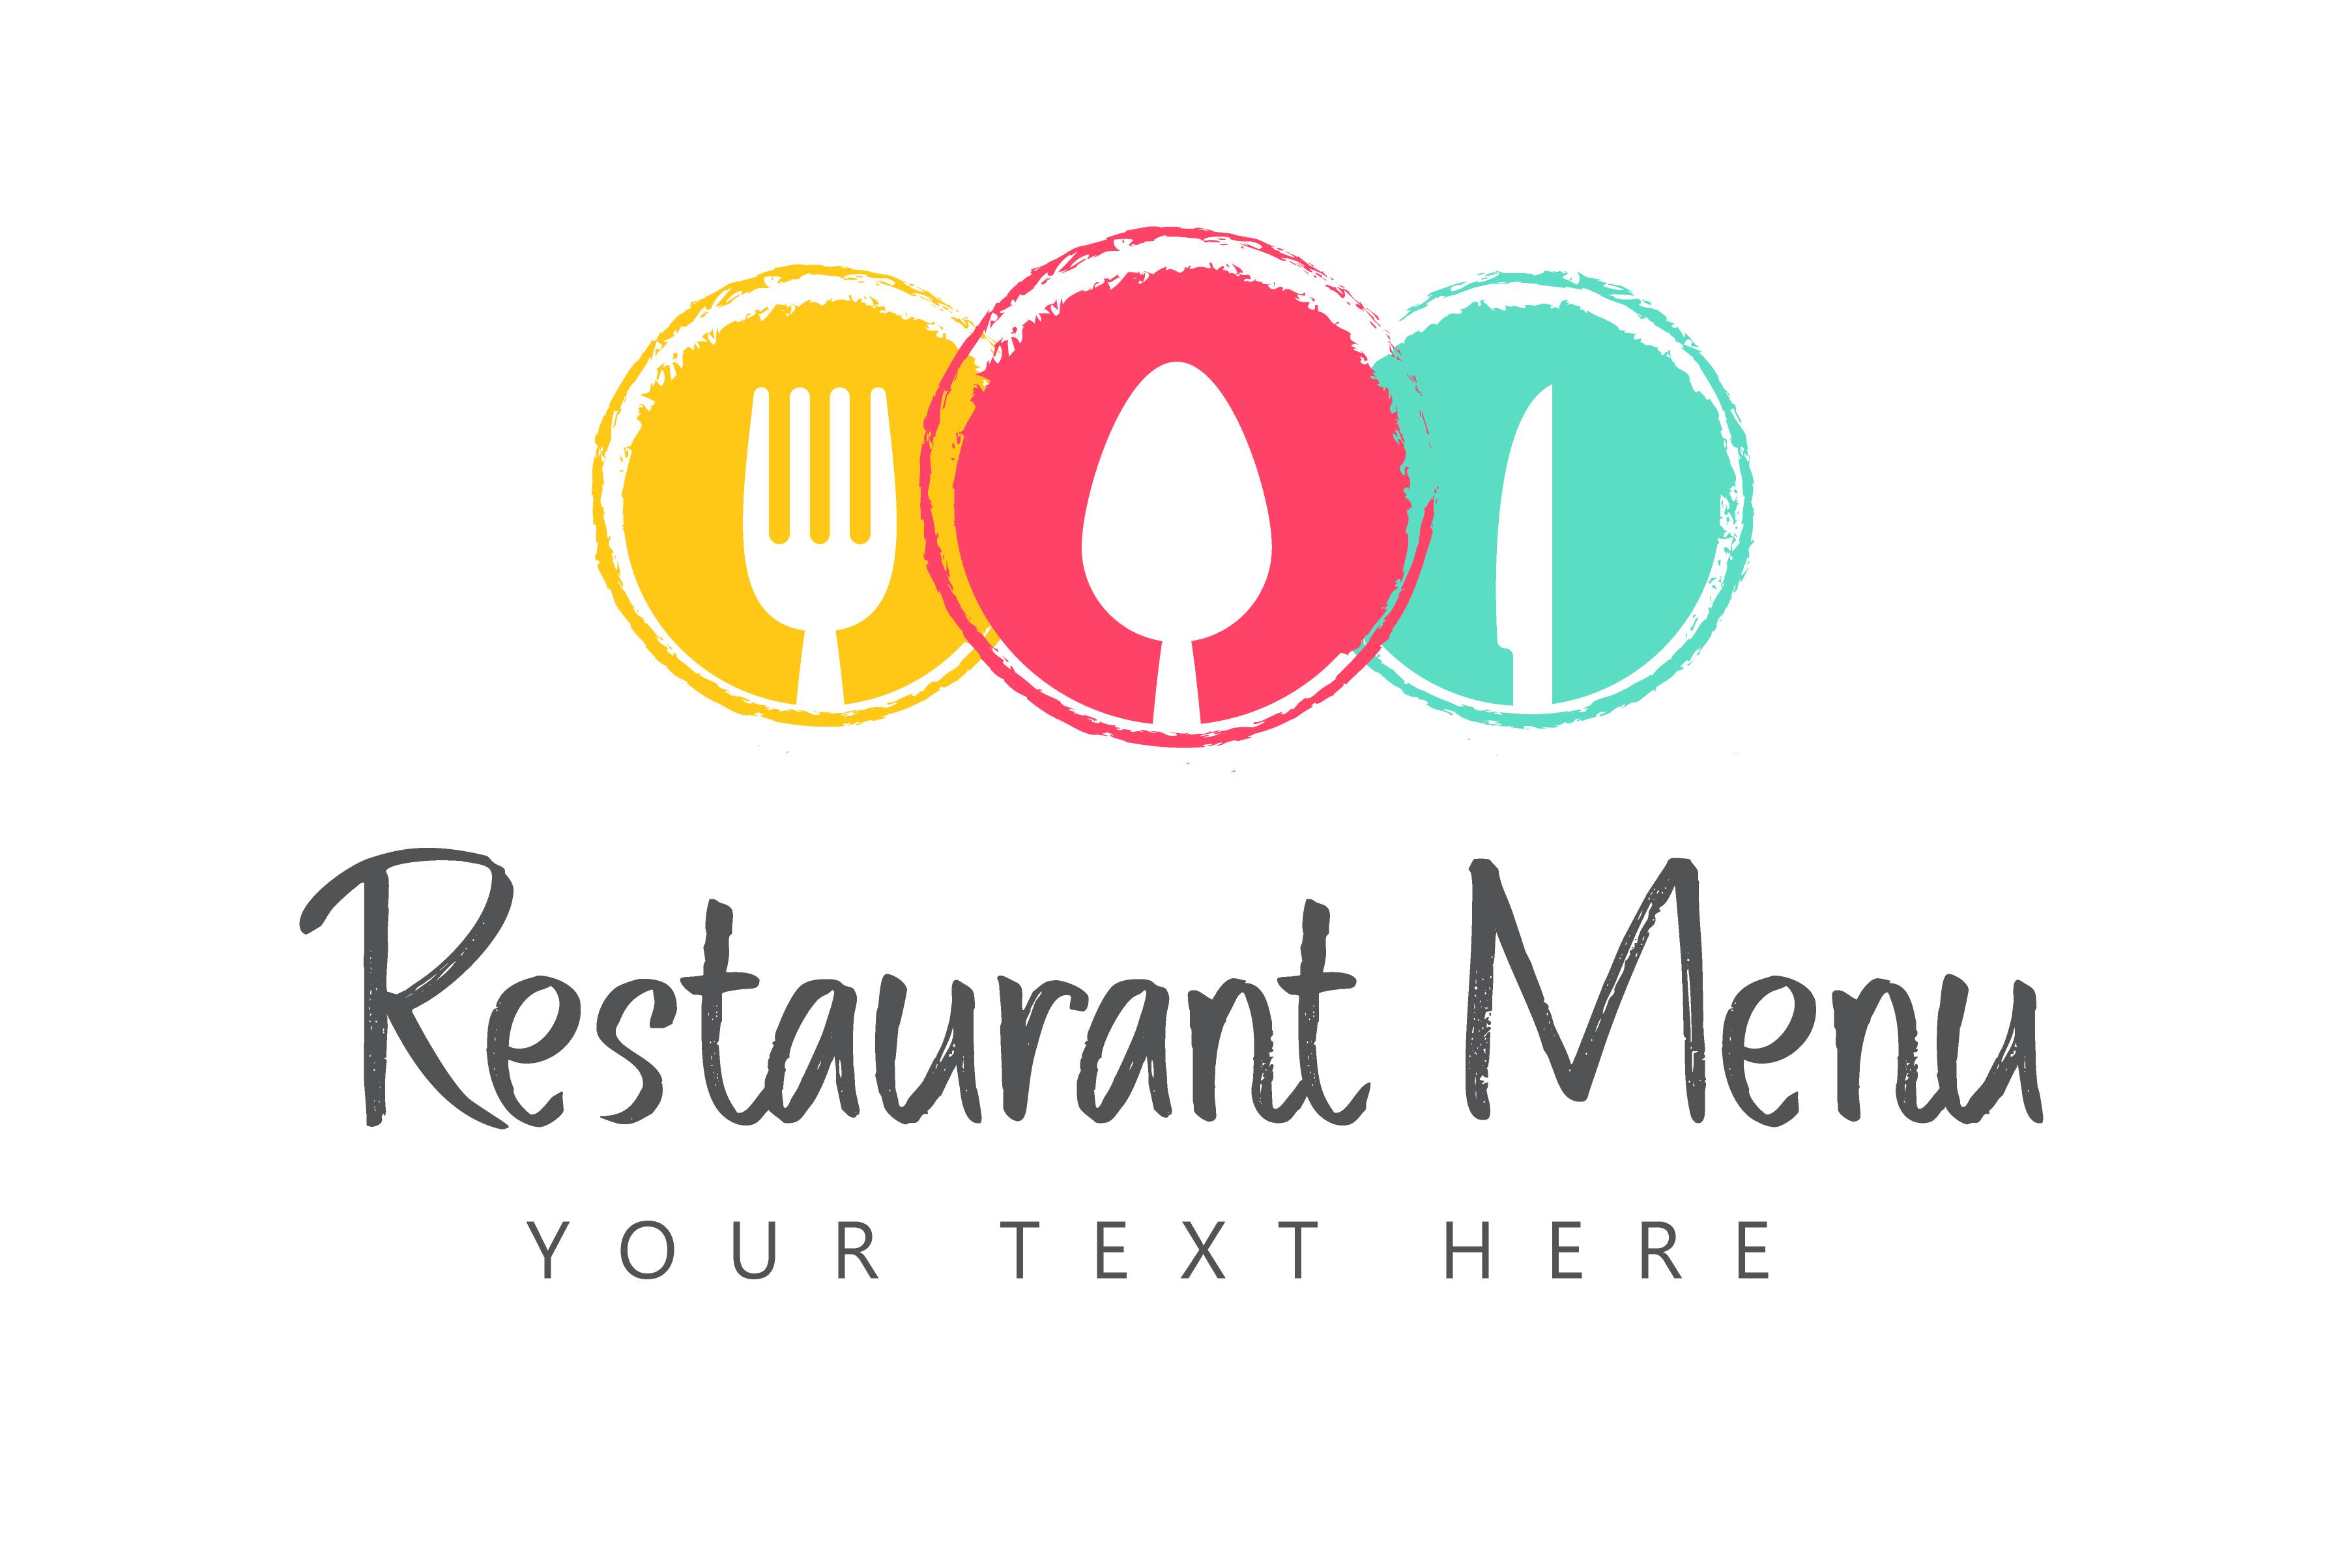 Restaurant Menu Illustration Vector